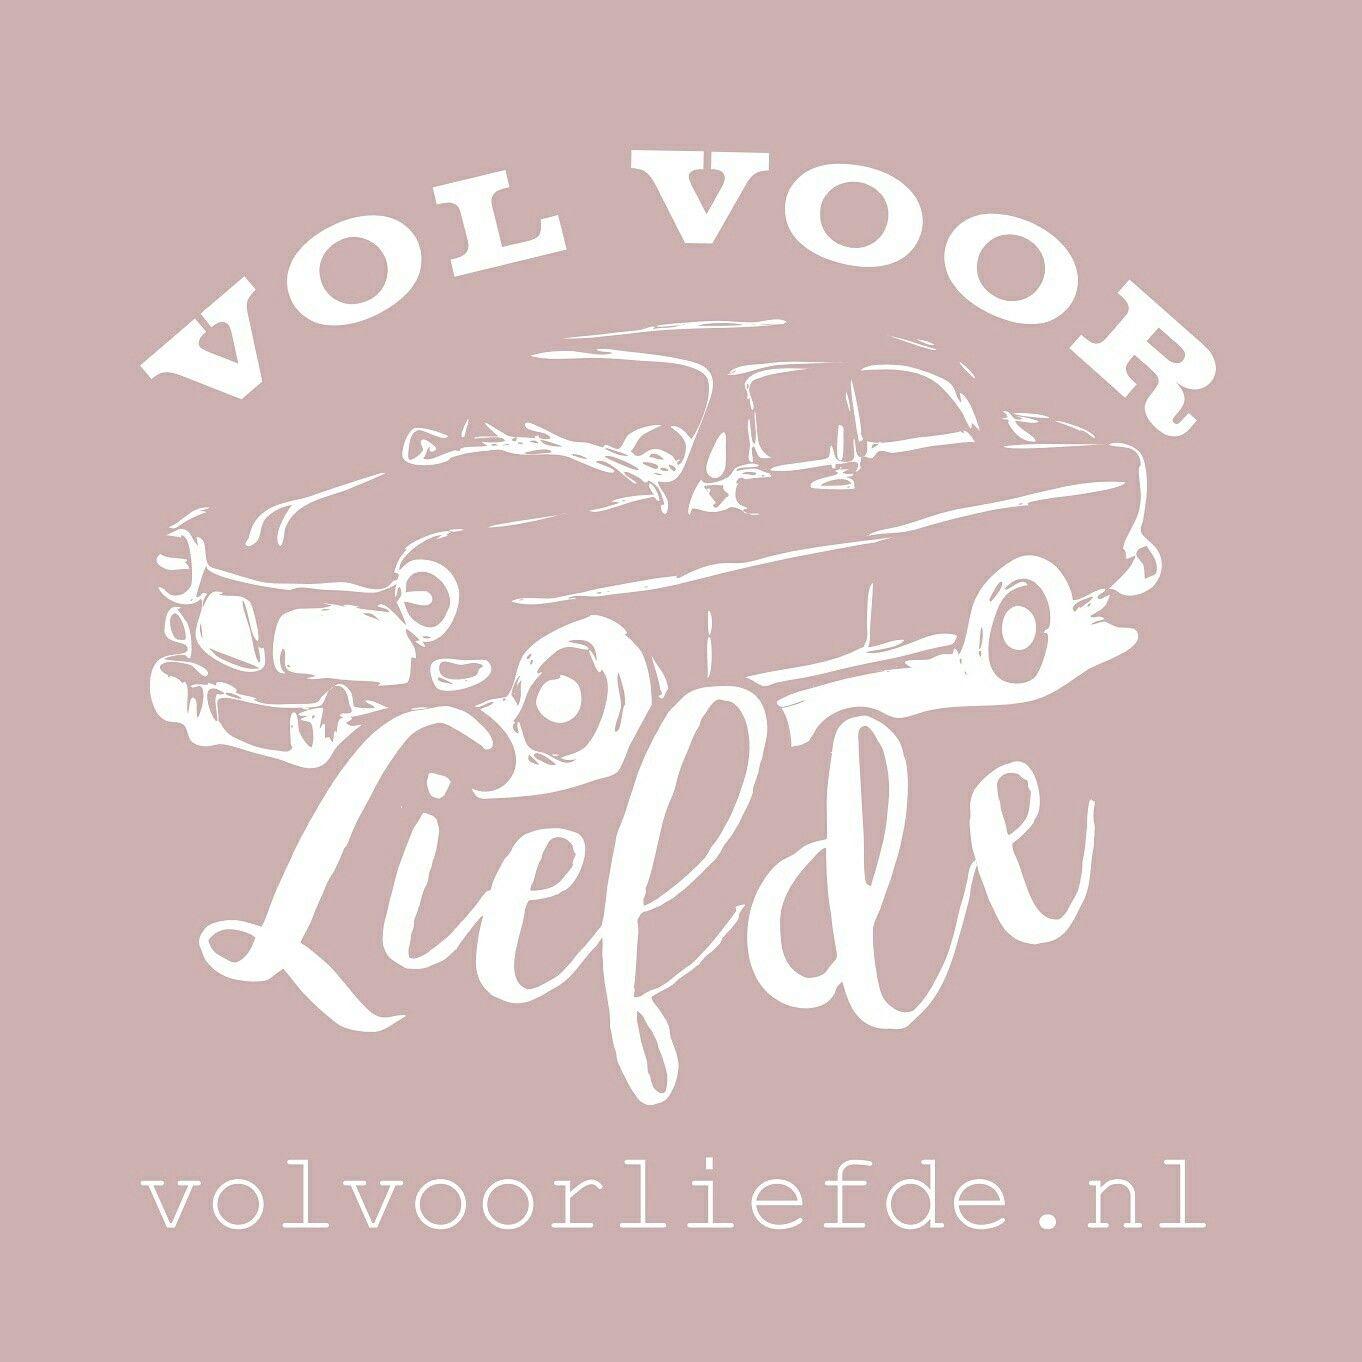 Yes! Logo check - Website check - Visitekaartjes check. Let's take him for a ride! #volvoorliefde #volvo #volvoamazon #trouwauto #trouwdag #trouwen #trouwrijden #oldtimer #mooioud #jemooistedag #degrotedag #dagvanjeleven #bruid #bruidegom #liefde #trouwdag #liefde